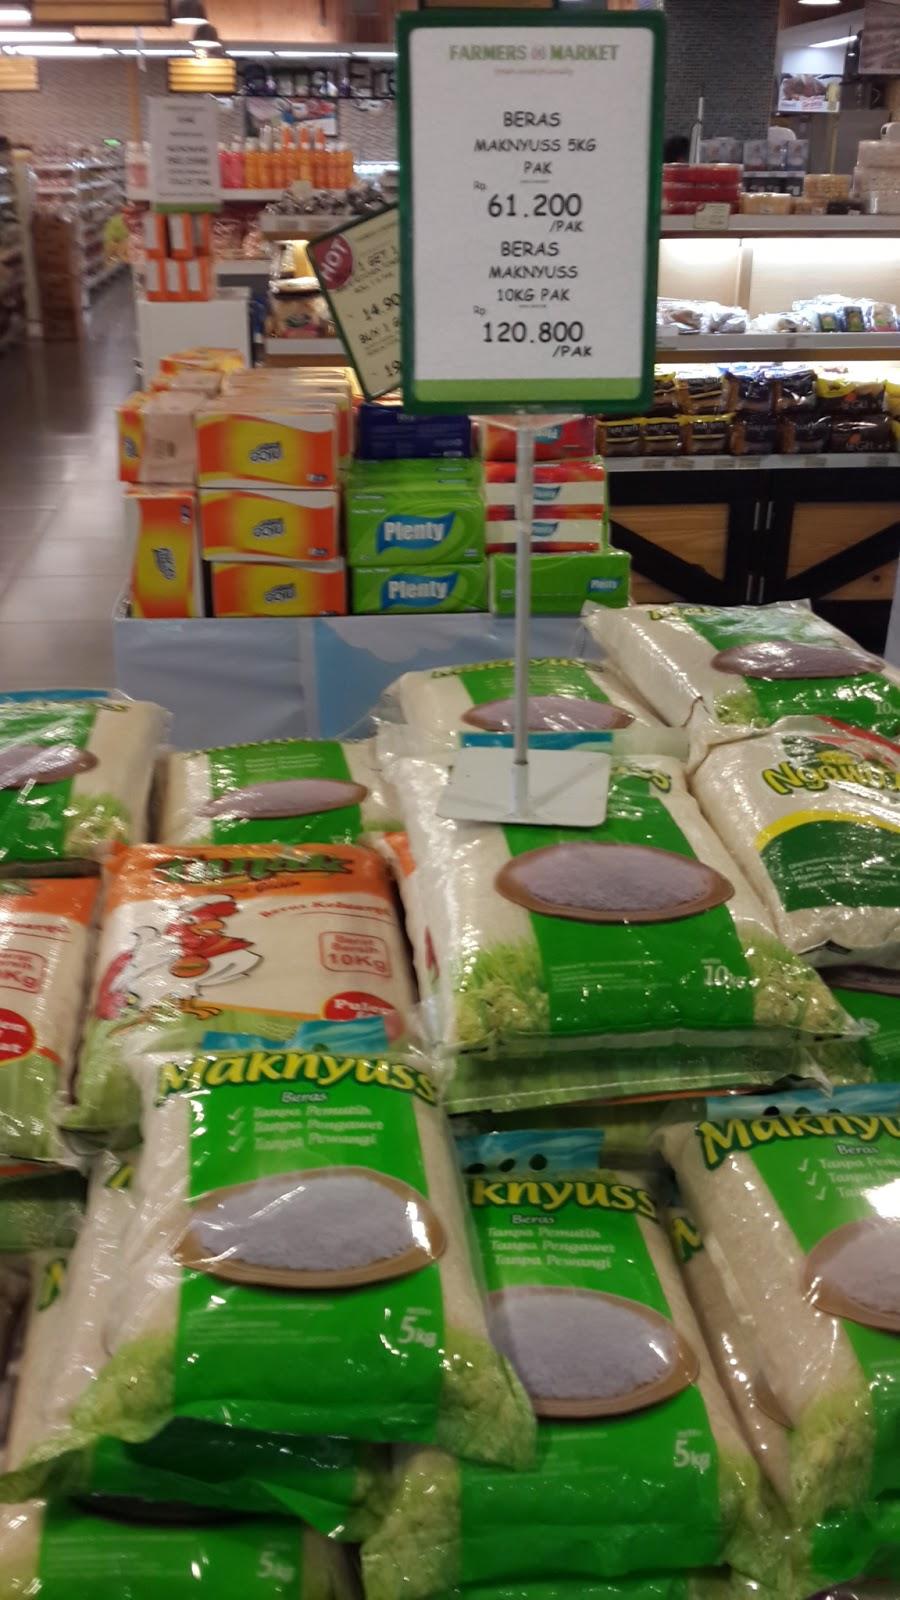 Harga Beras Maknyuss 5 Kg Di Alfamart Sania 5kg Promo Premium Lottemart Lalu Yang Kedua Saya Hunting